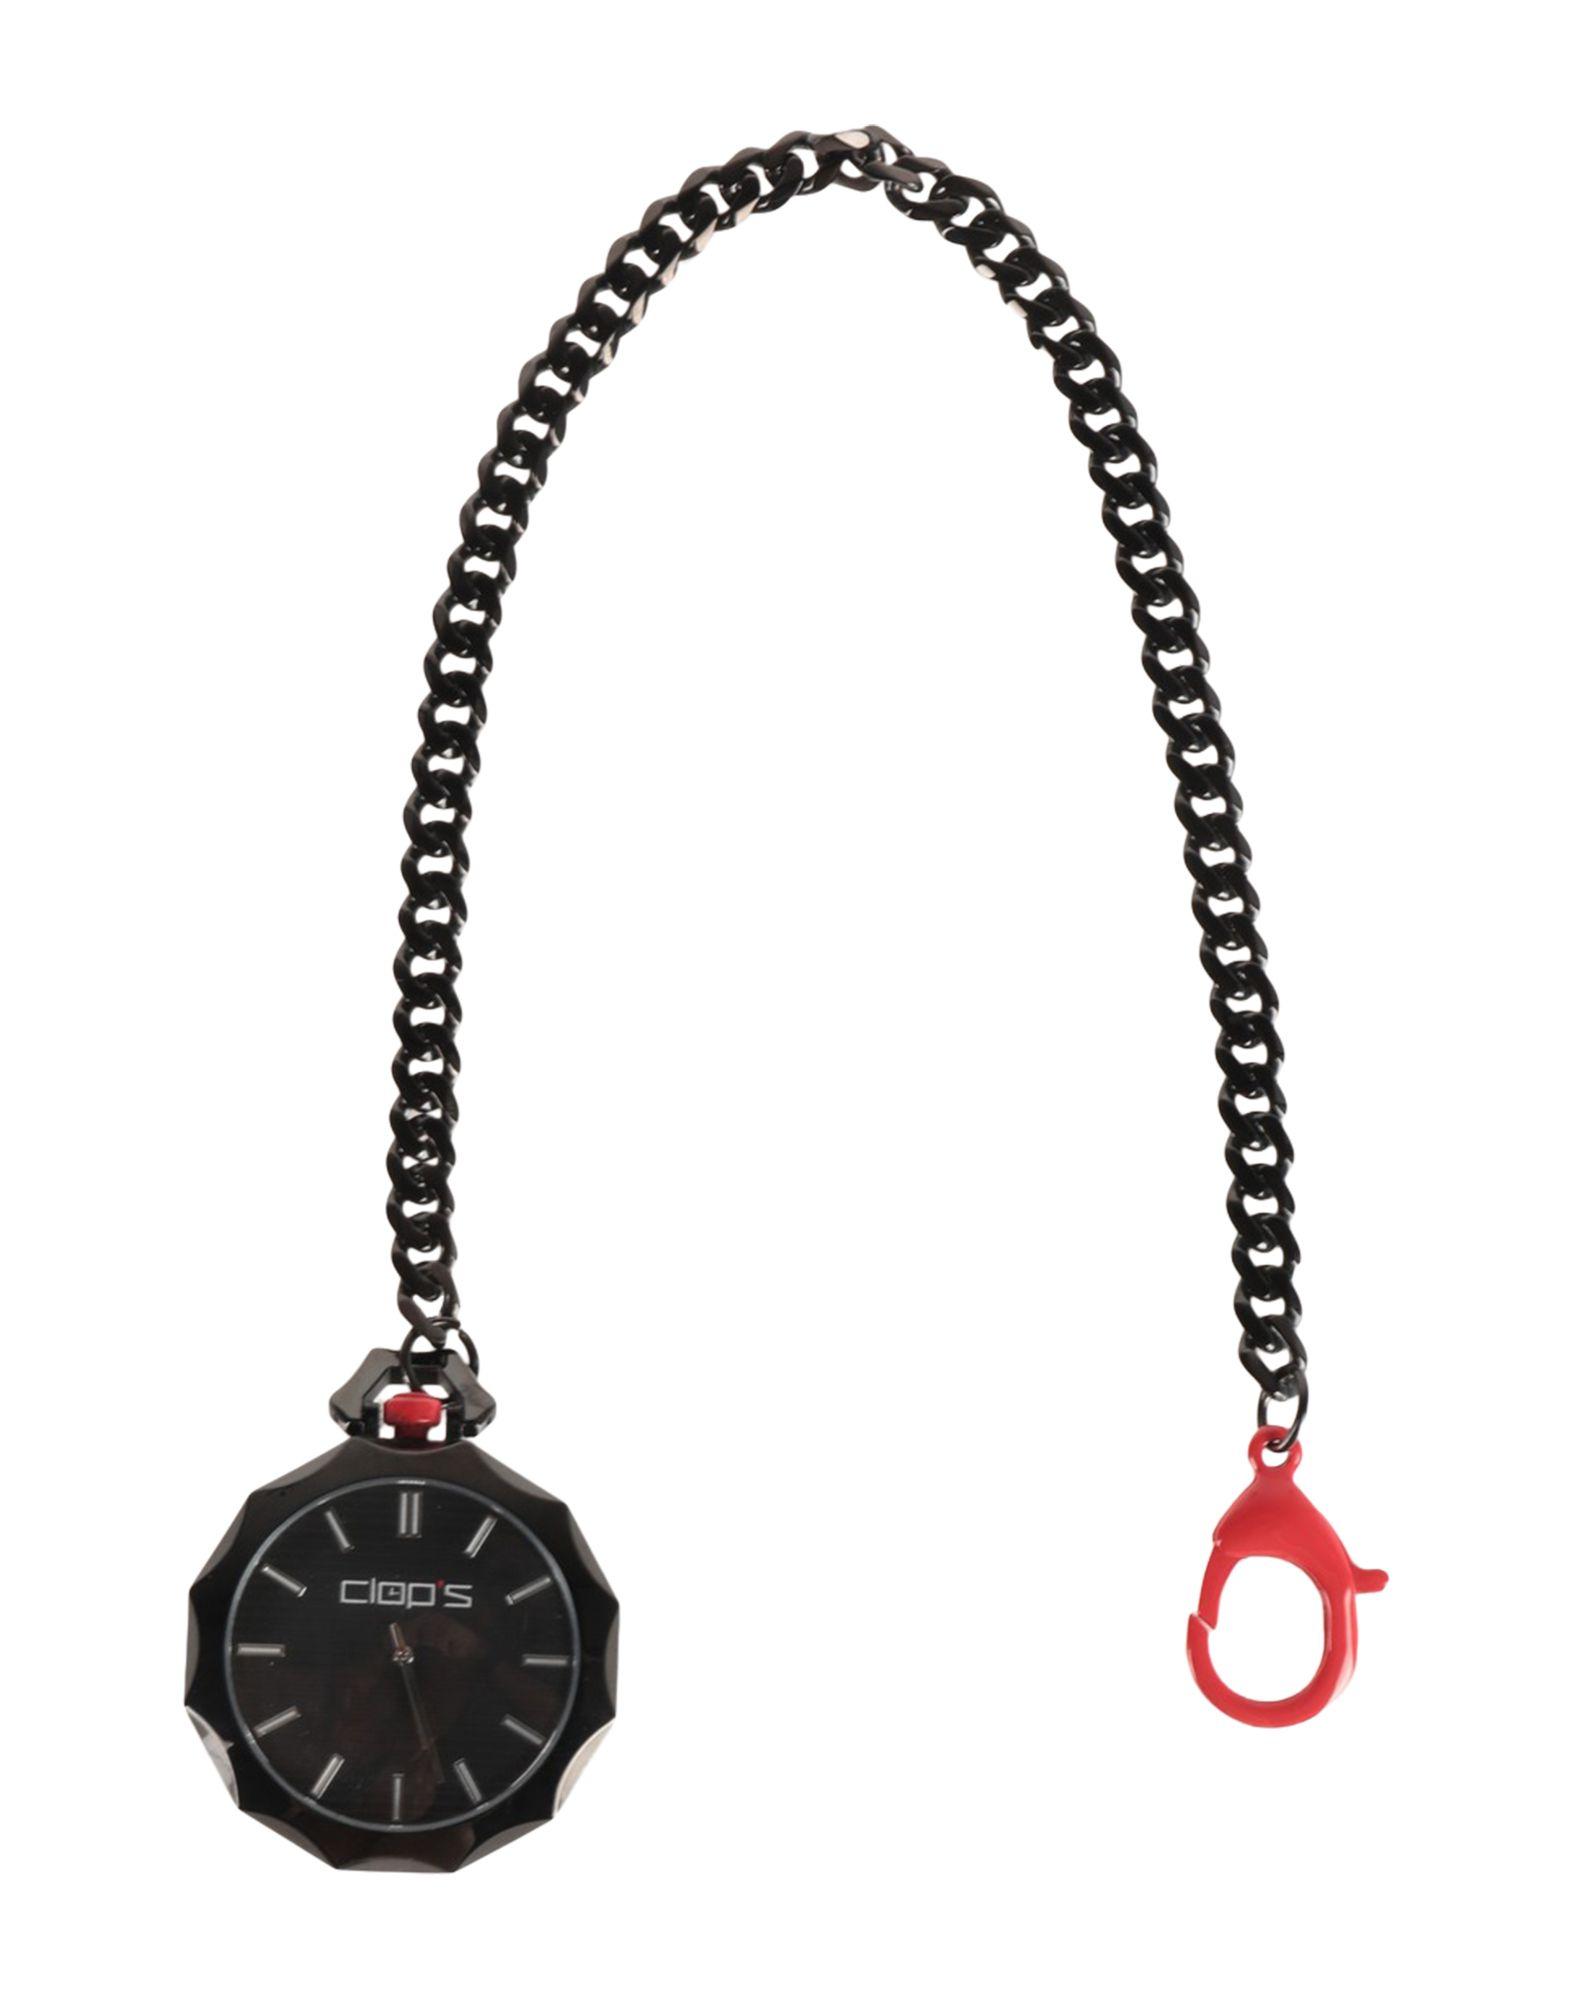 CLOP'S メンズ 懐中時計 ブラック